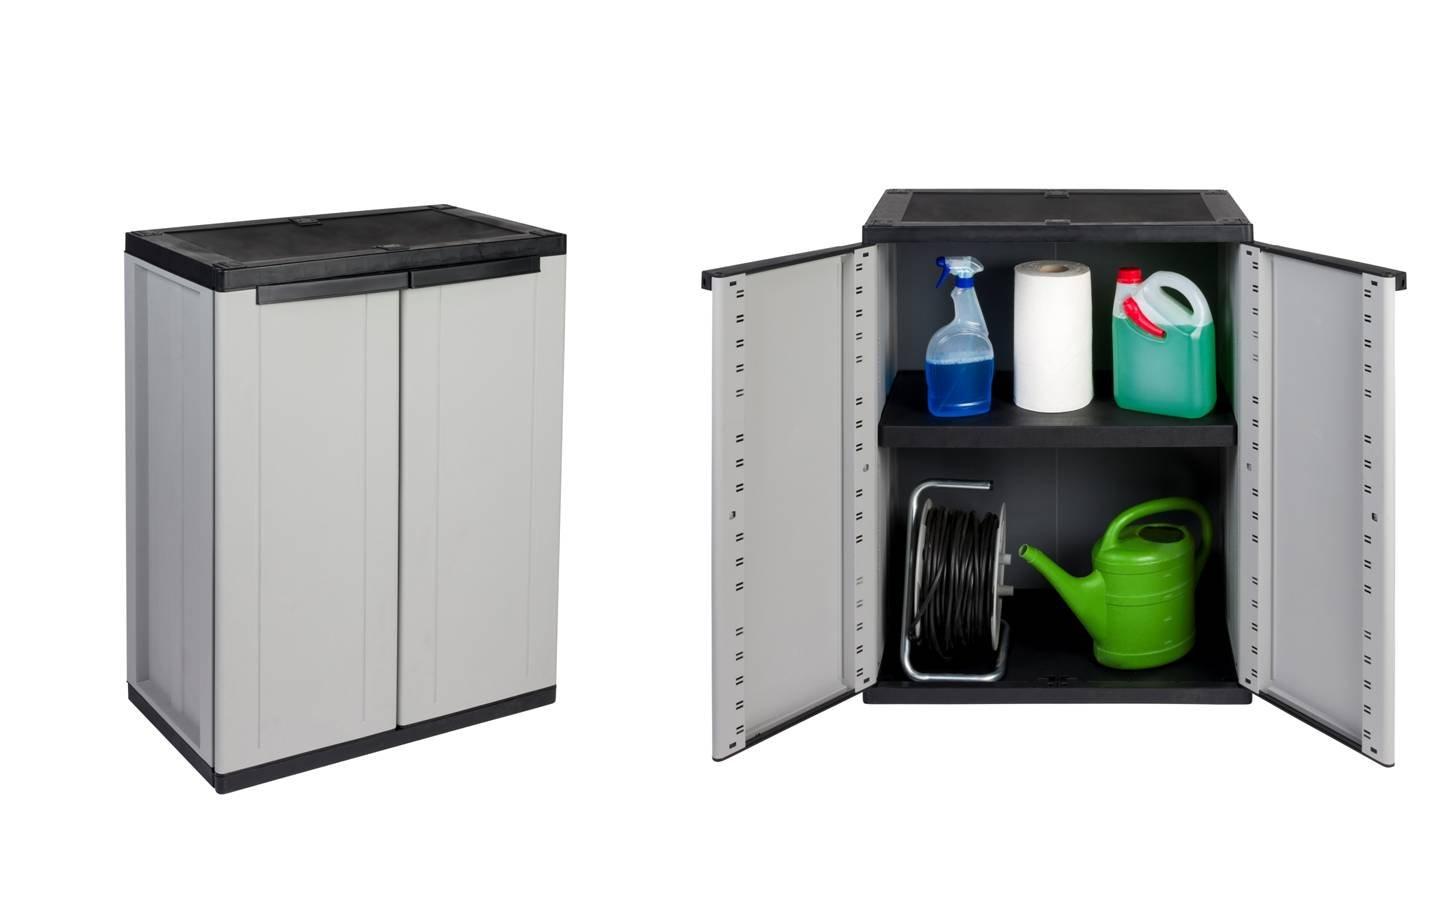 VORTEILSPACK : 2 Stü ck Kunststoffschrank, Balkonschrank in Grau mit abschließ baren Tü ren. Maß e pro Schrank: 68 x 37,5 x 85 cm. Kreher